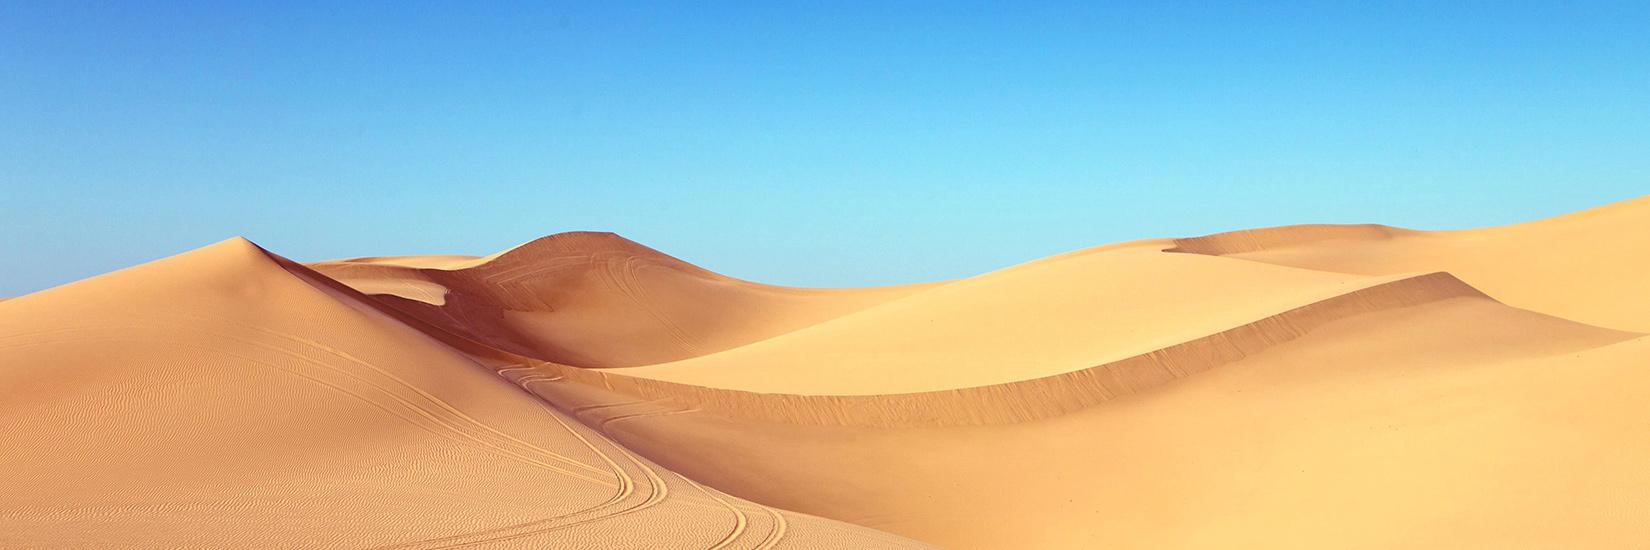 Desert - sand dunes